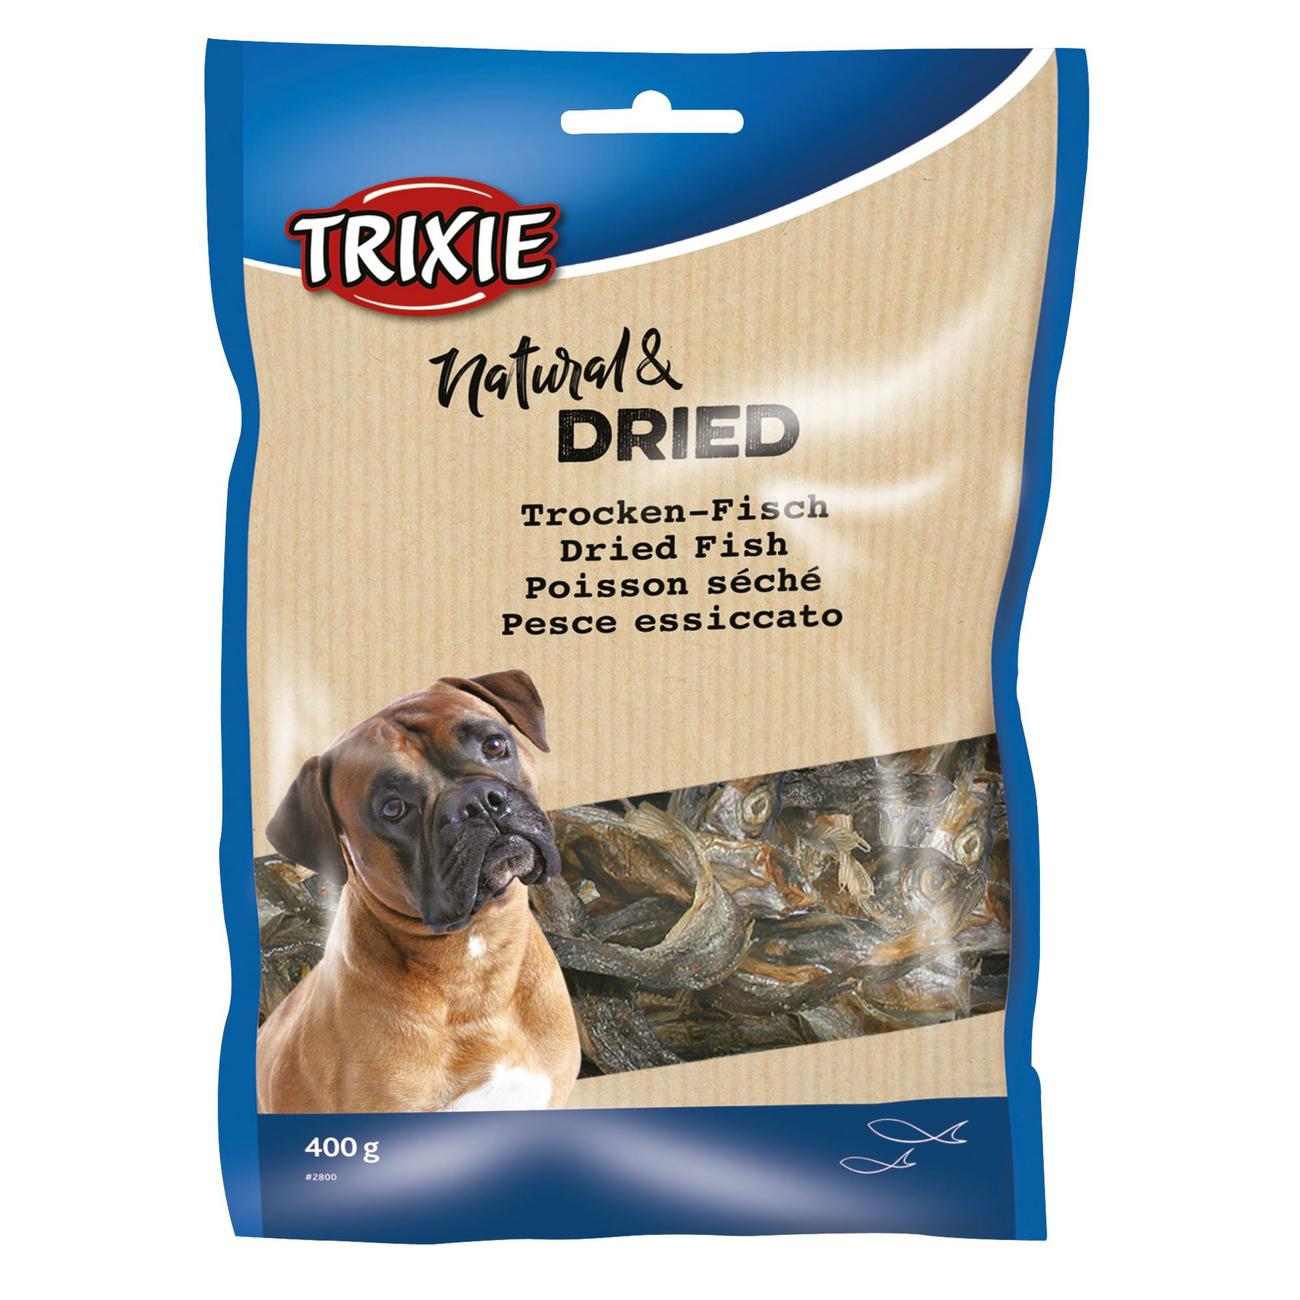 TRIXIE Trockenfisch-Sprotten für Hunde 2799, Bild 2